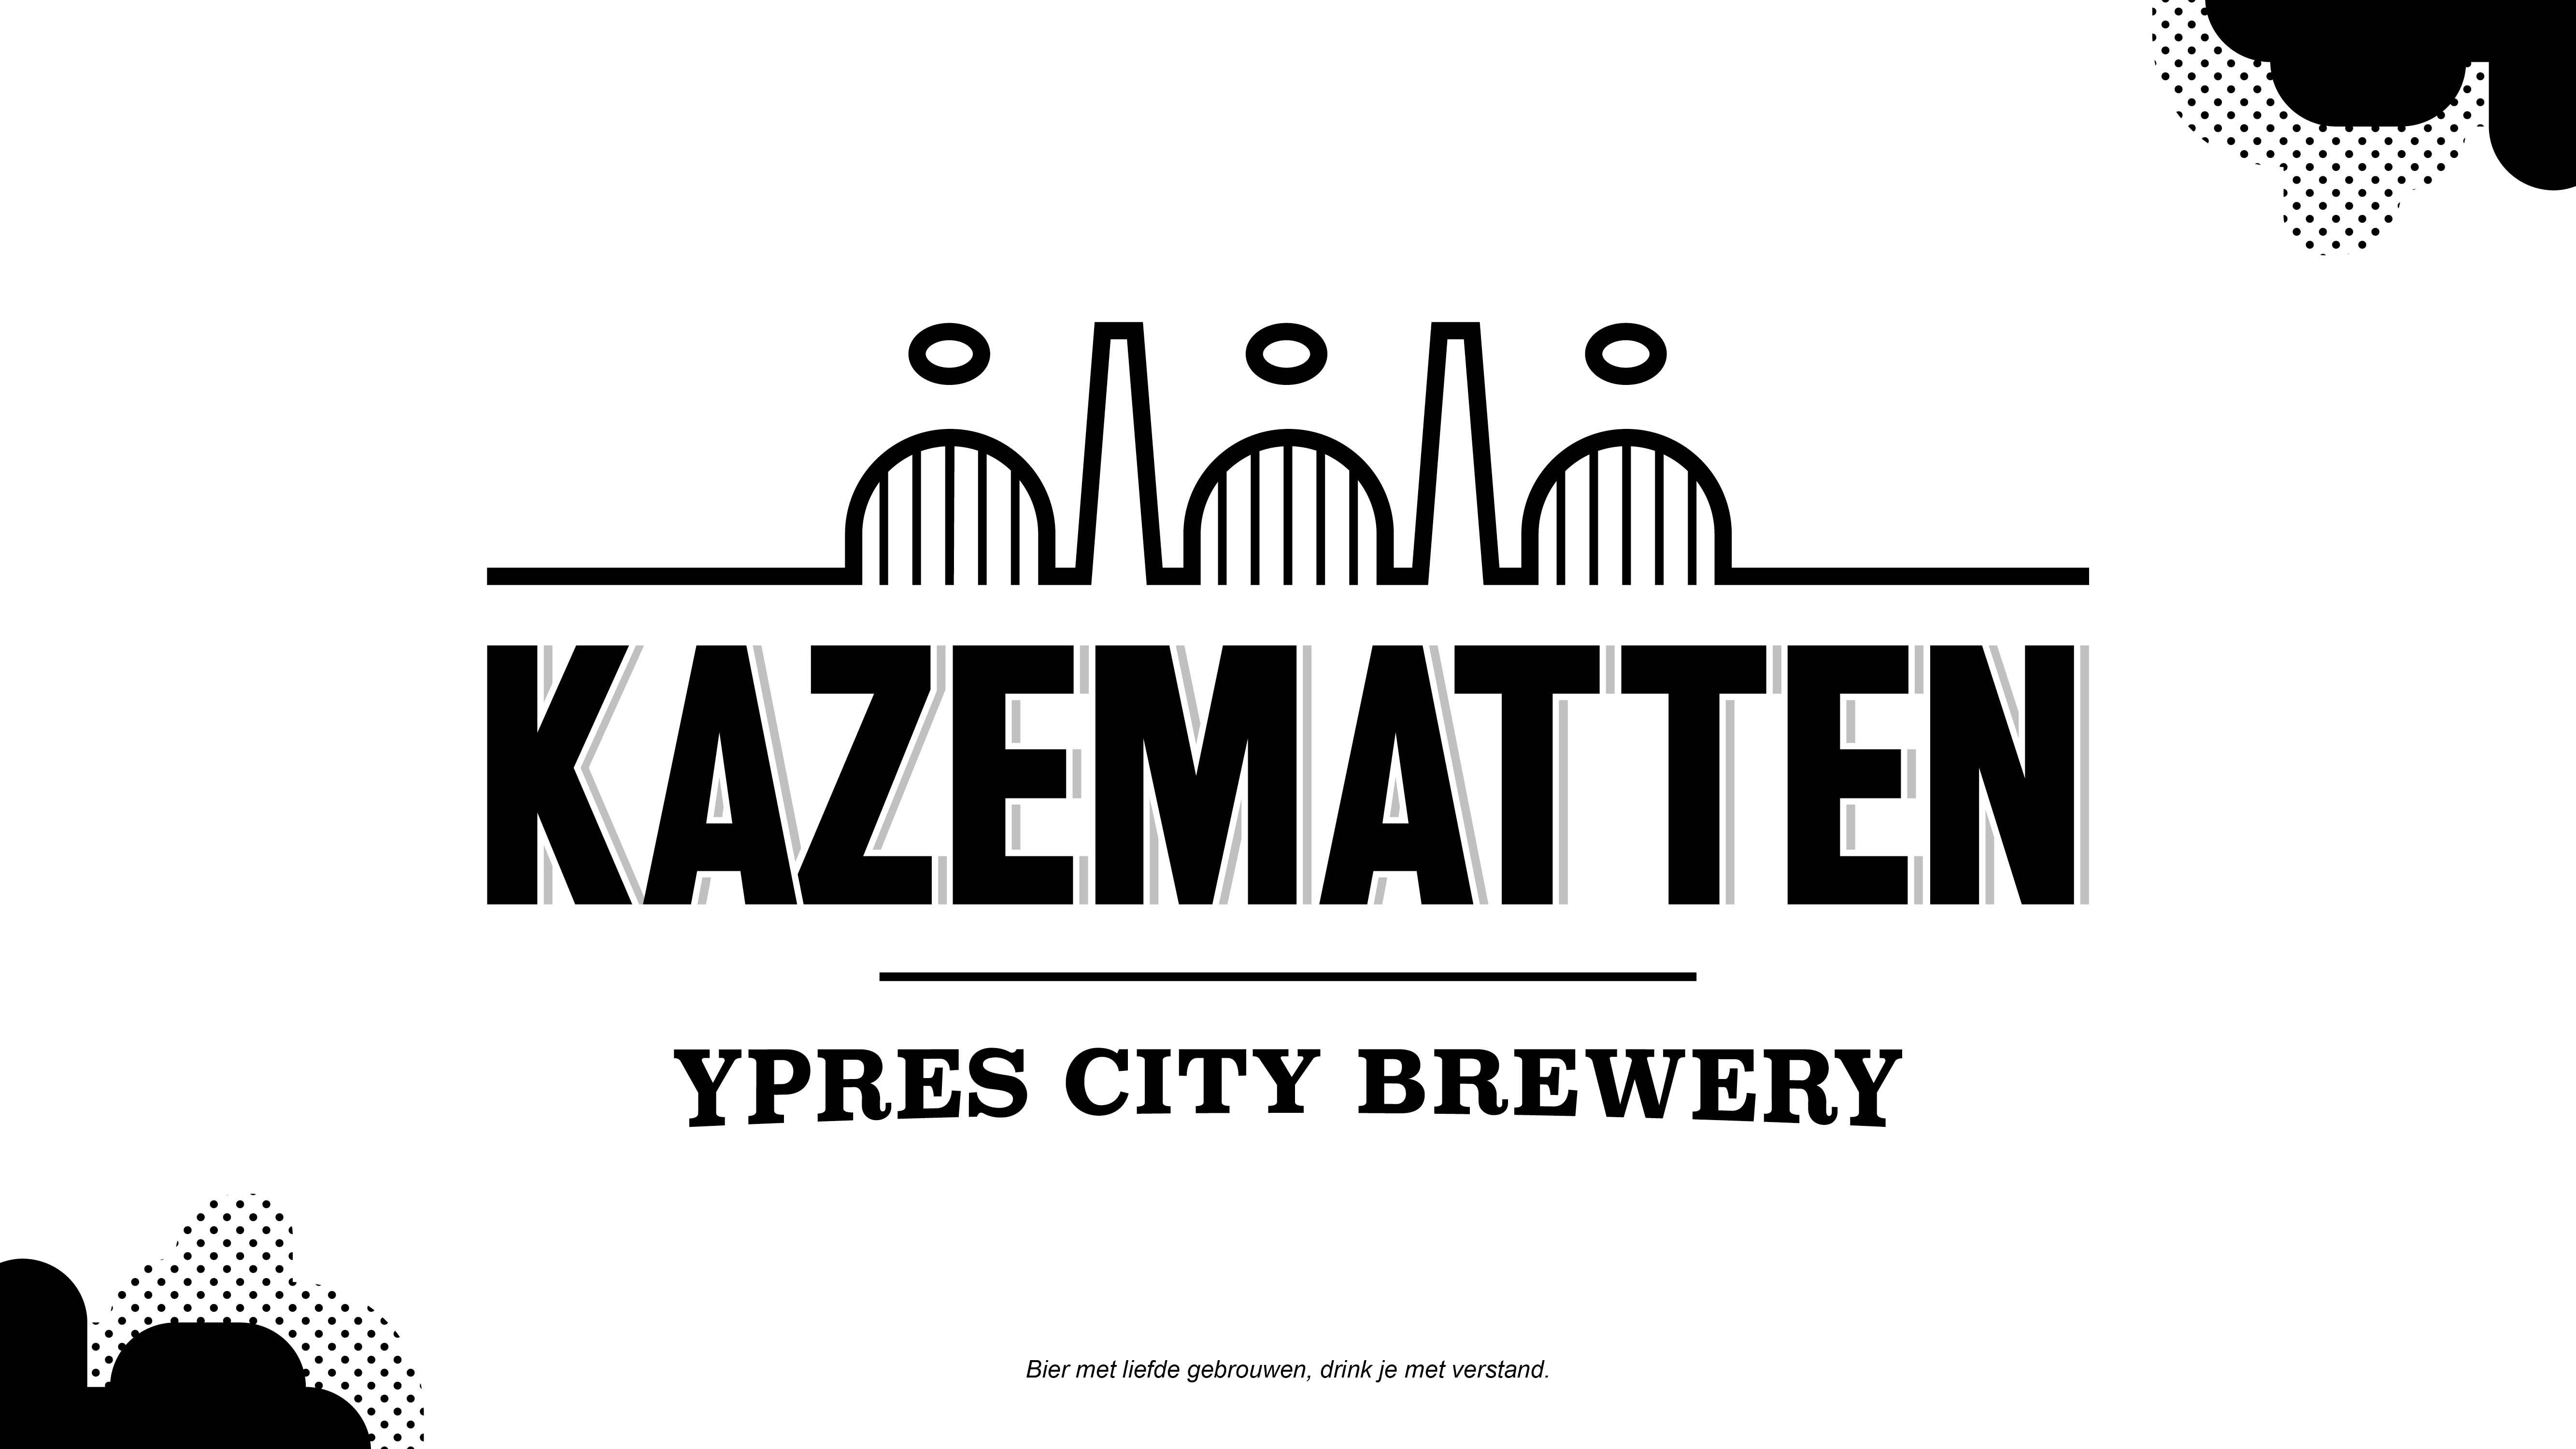 Brouwerij Kazematten - Ypres City Brewery